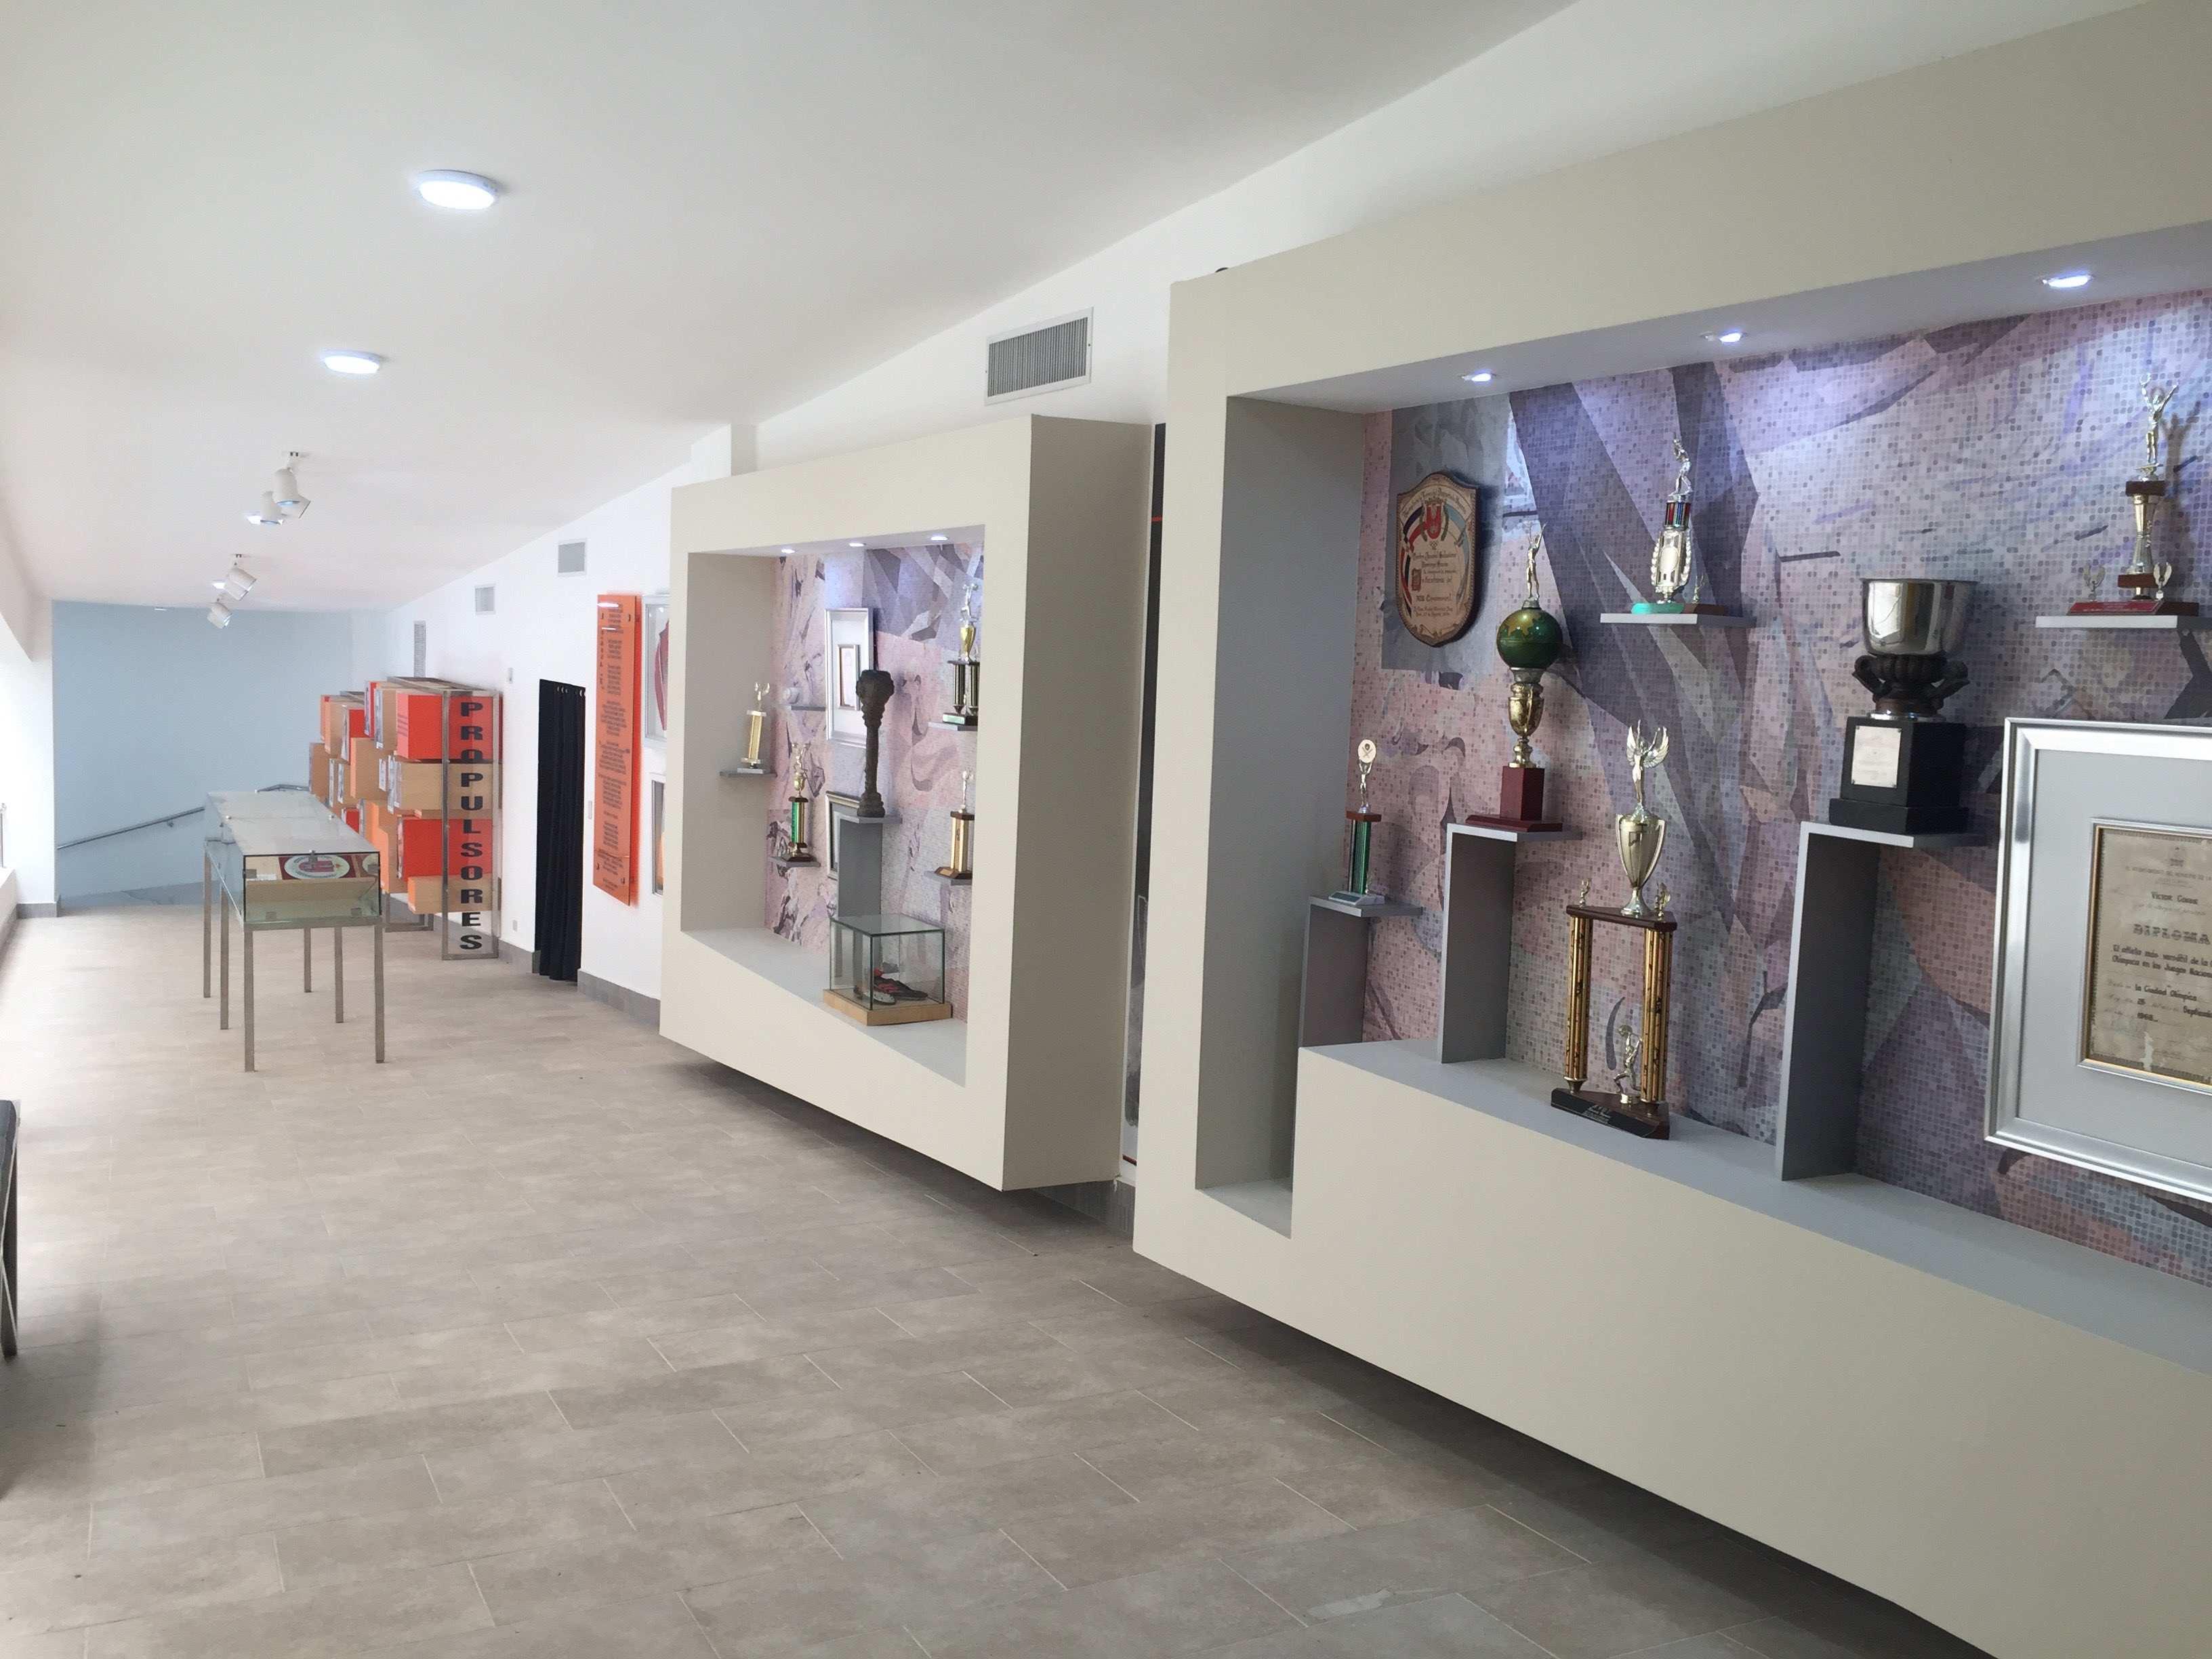 interiores021